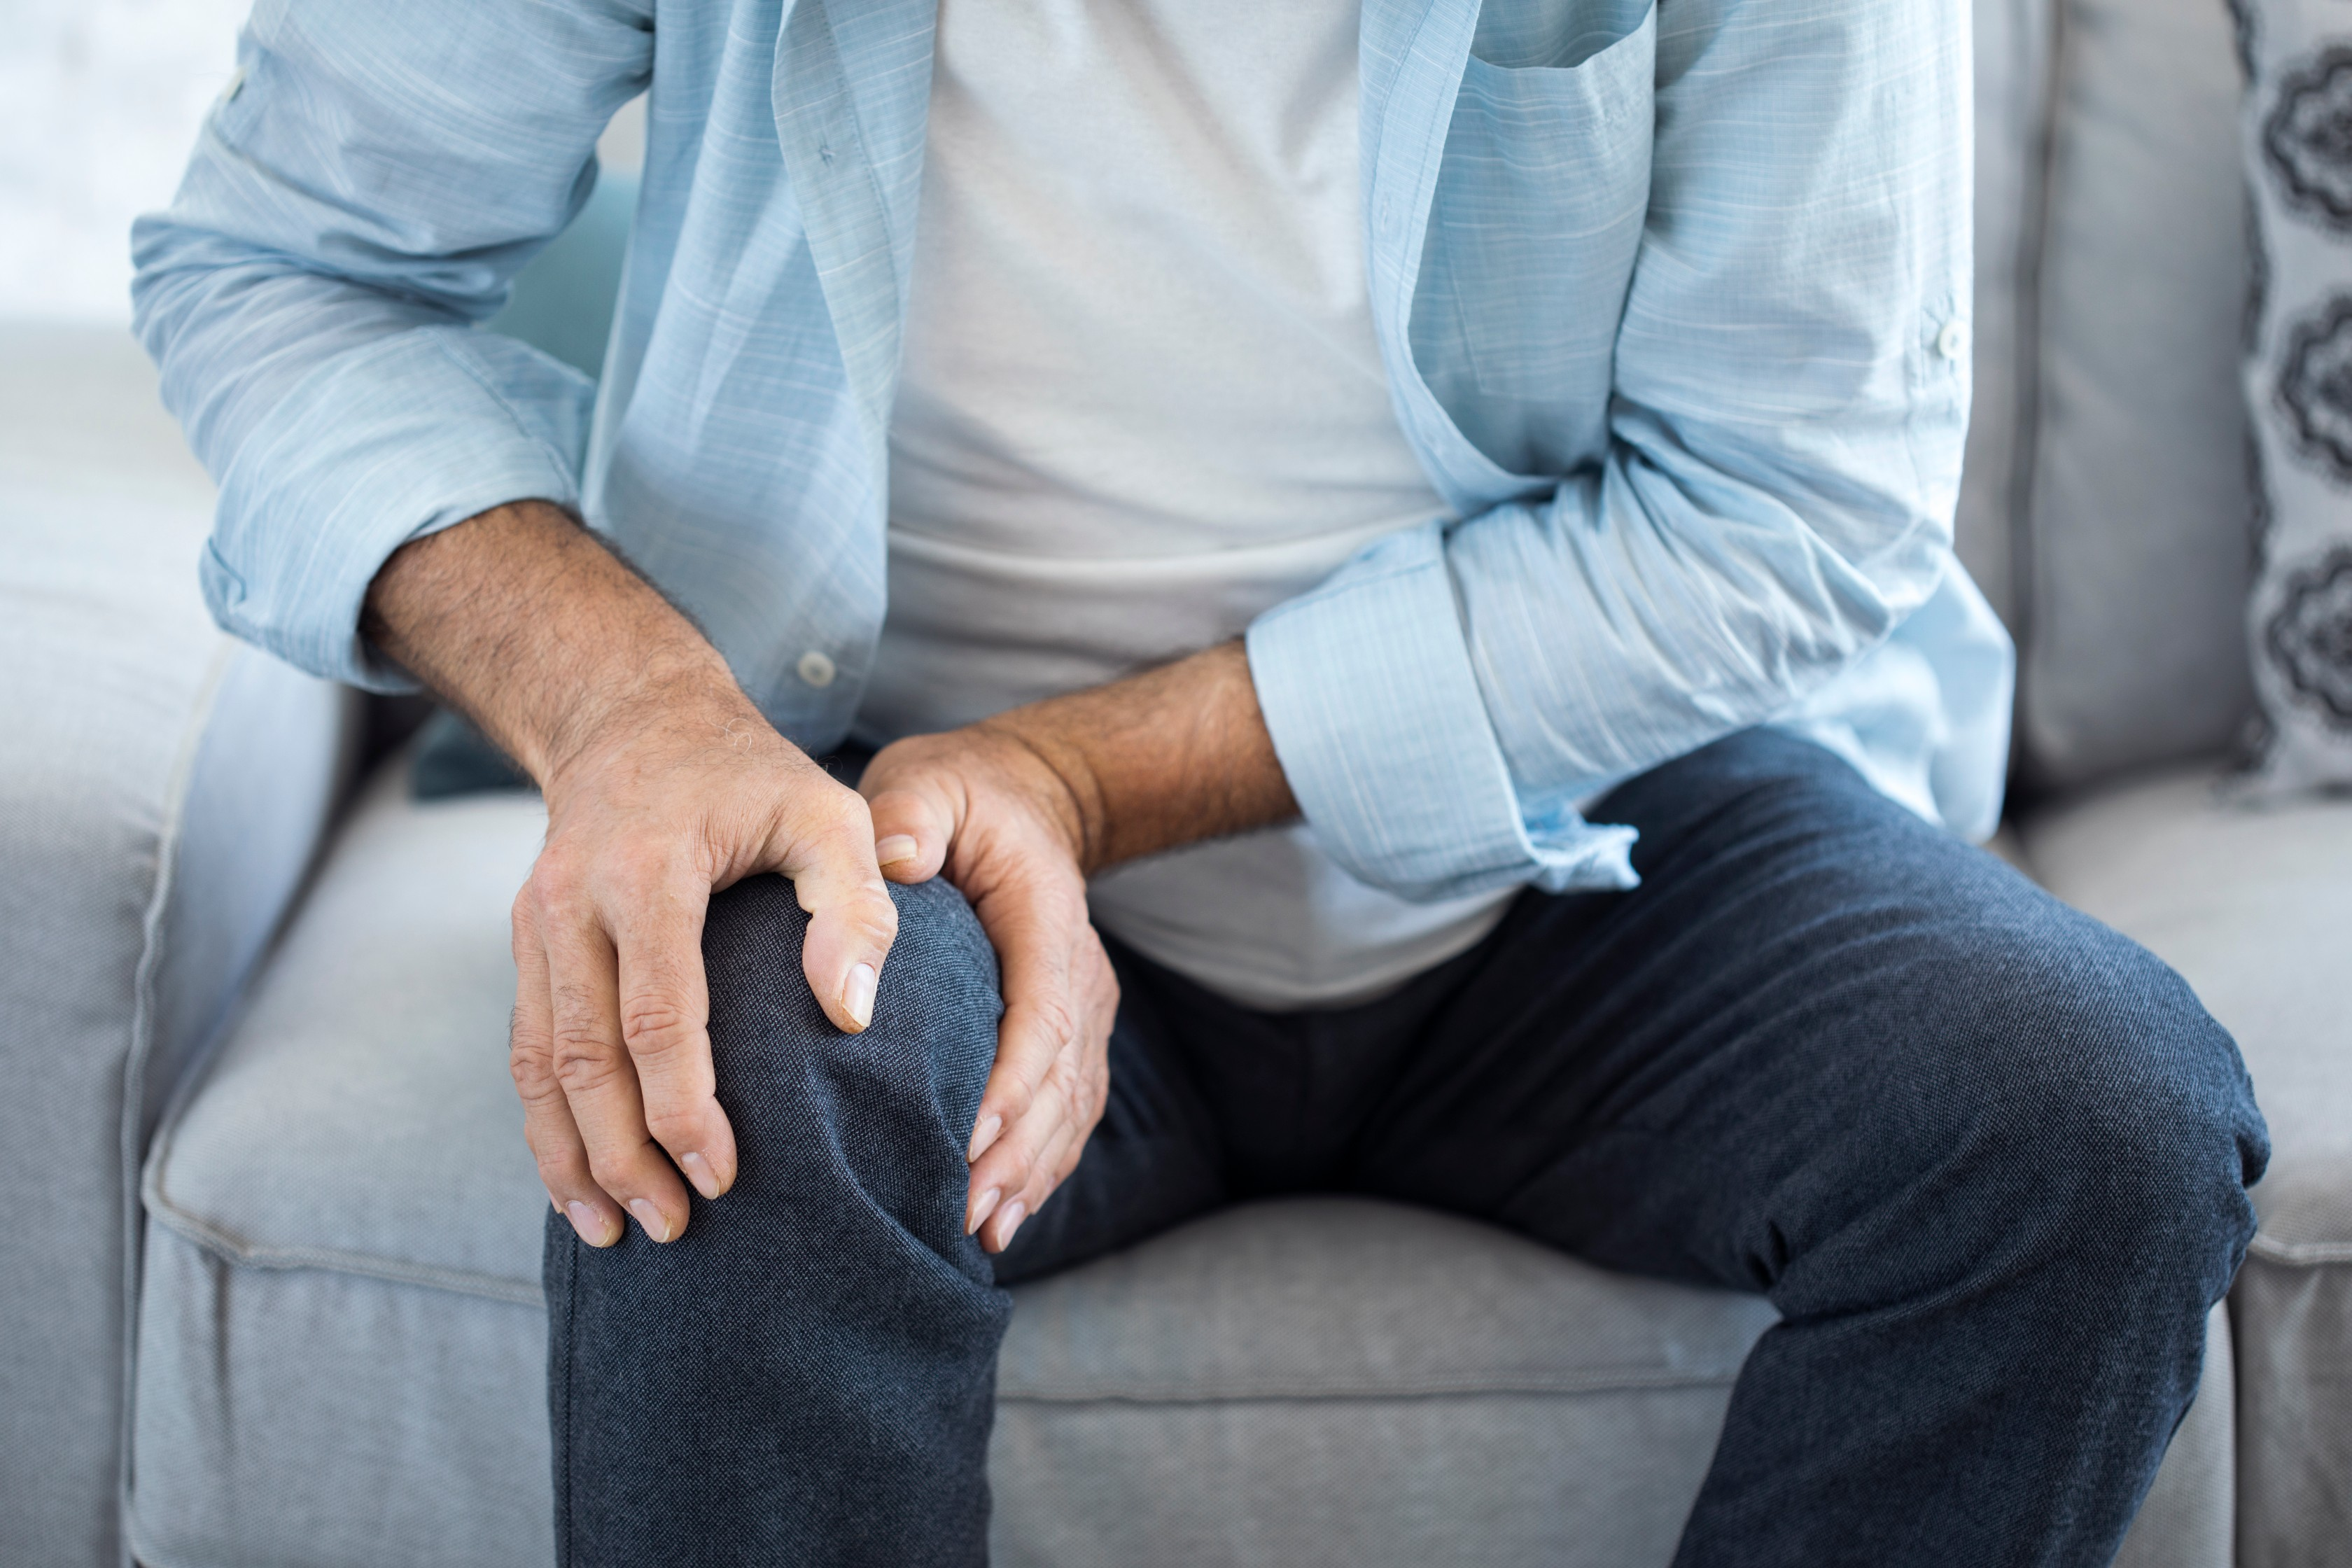 vállízület fájdalom és csomó jelent meg a kis ízületek fájnak és duzzadnak